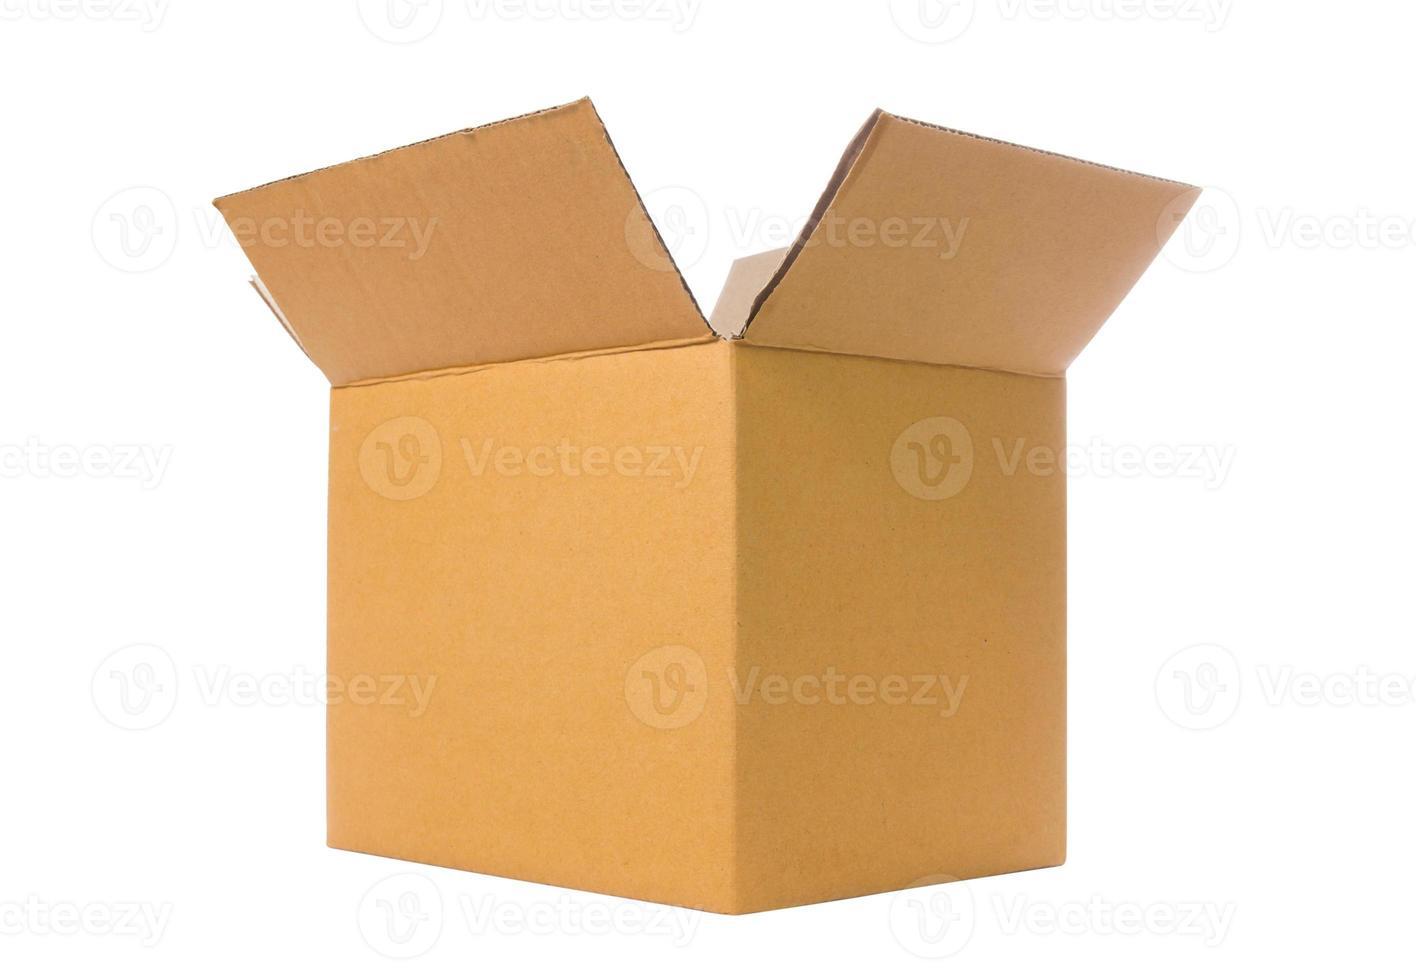 marrone ha aperto varie scatole di cartone isolato su bianco. foto